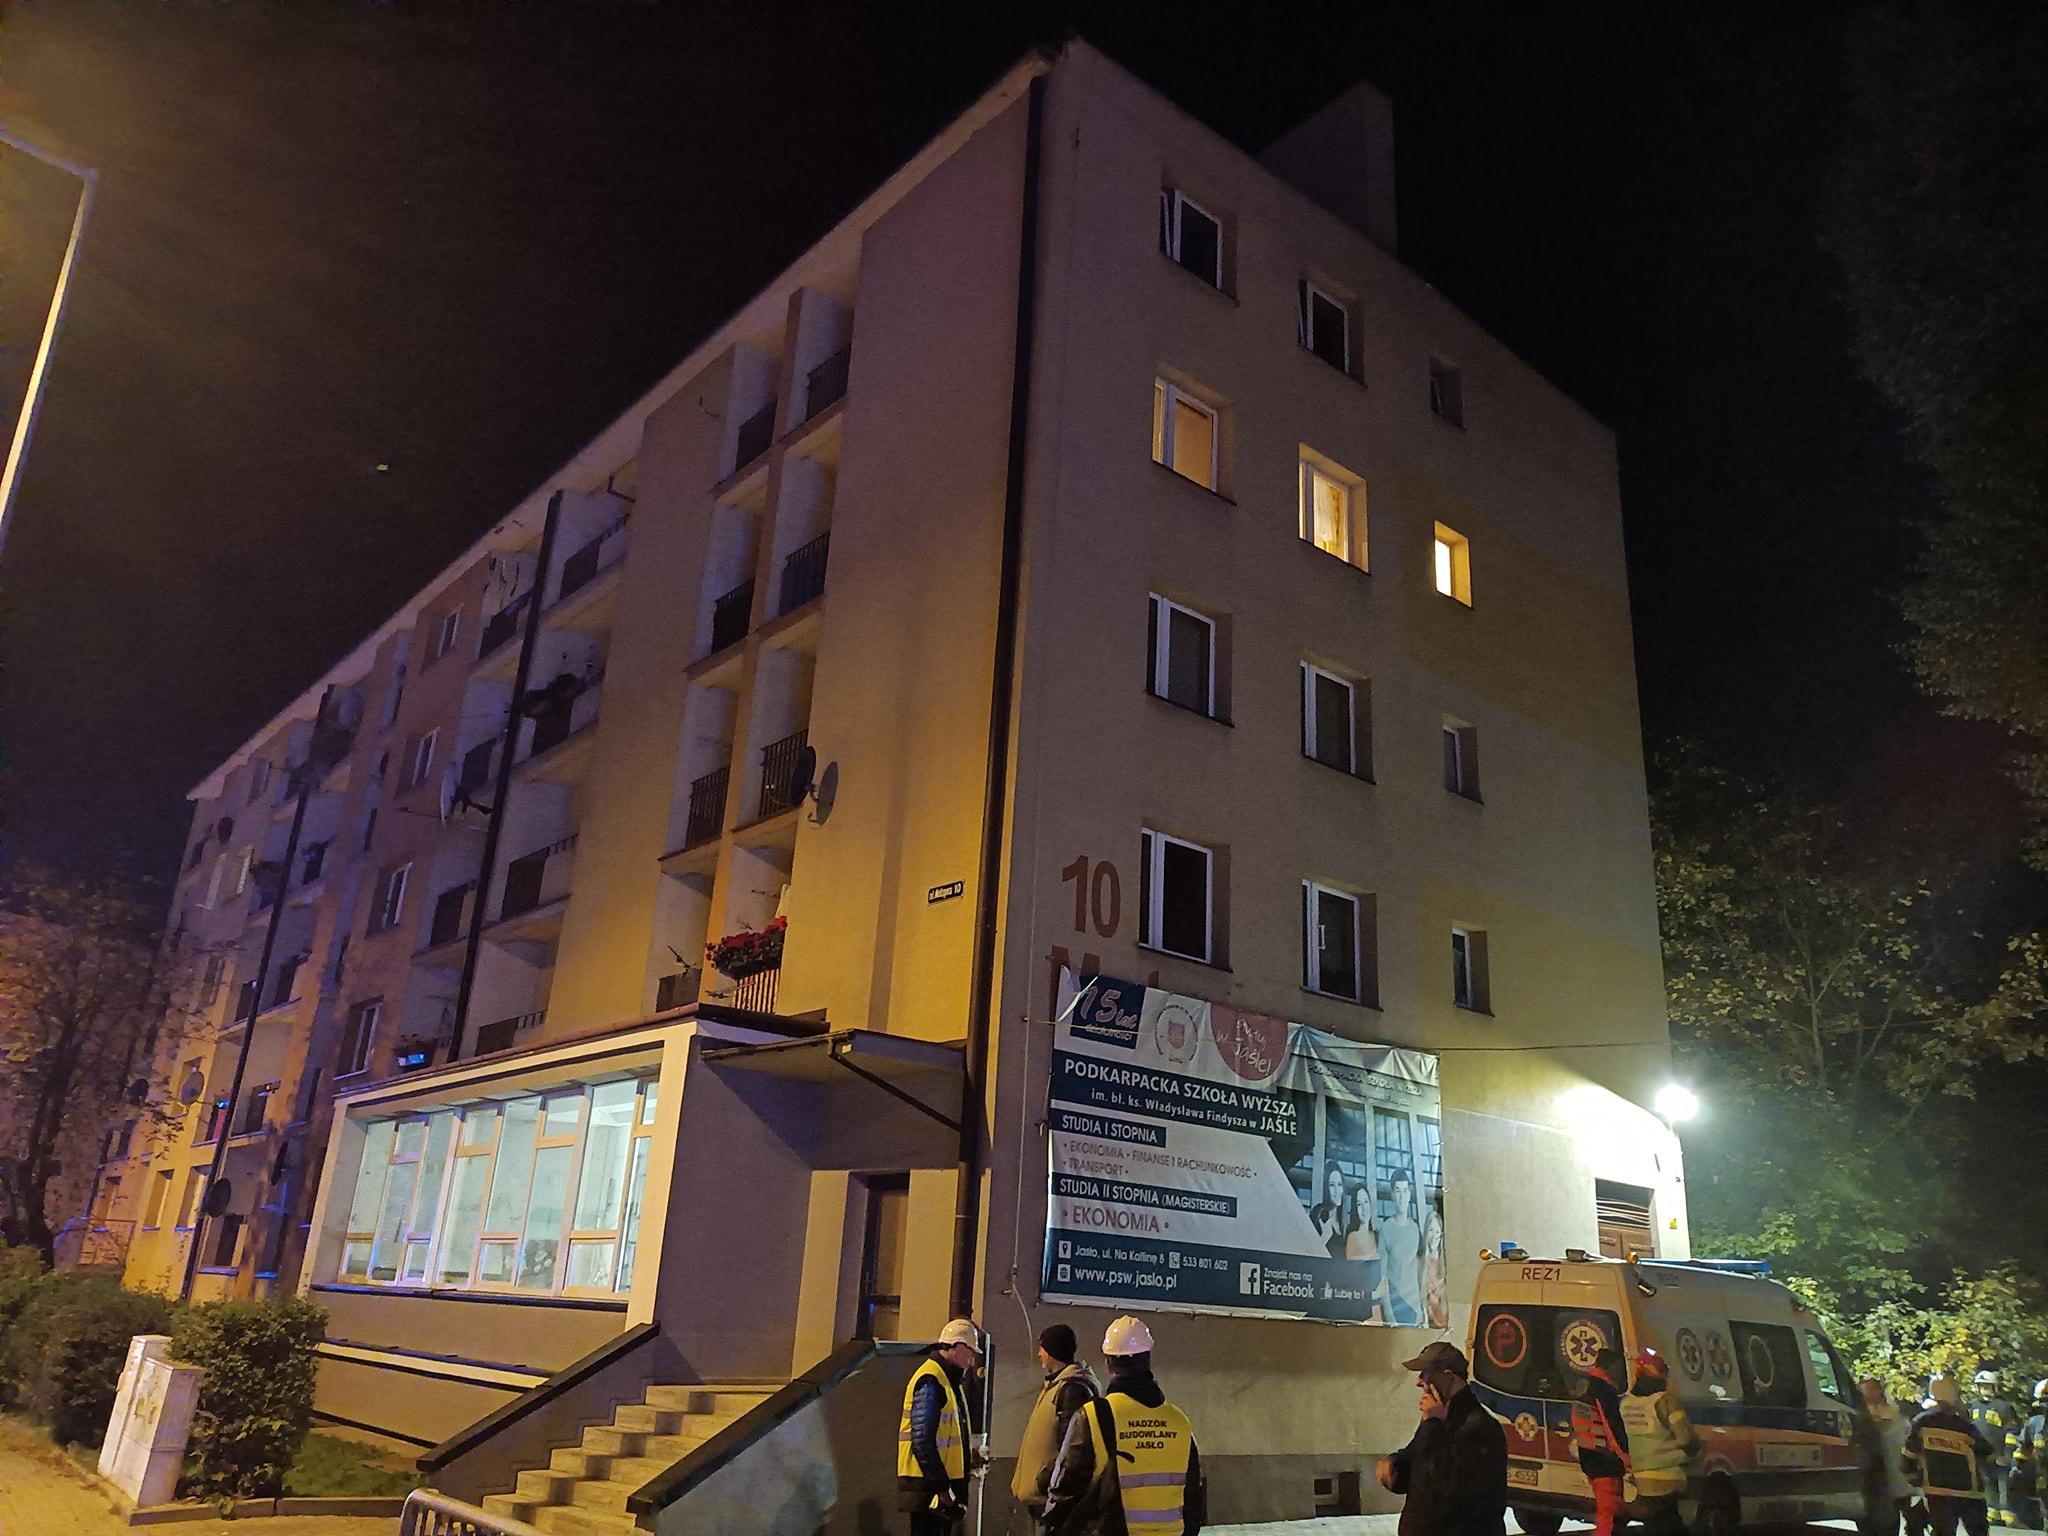 Budynek wielorodzinny w Jaśle grozi zawaleniem. Ewakuacja mieszkańców! [AKTUALIZACJA] - Zdjęcie główne